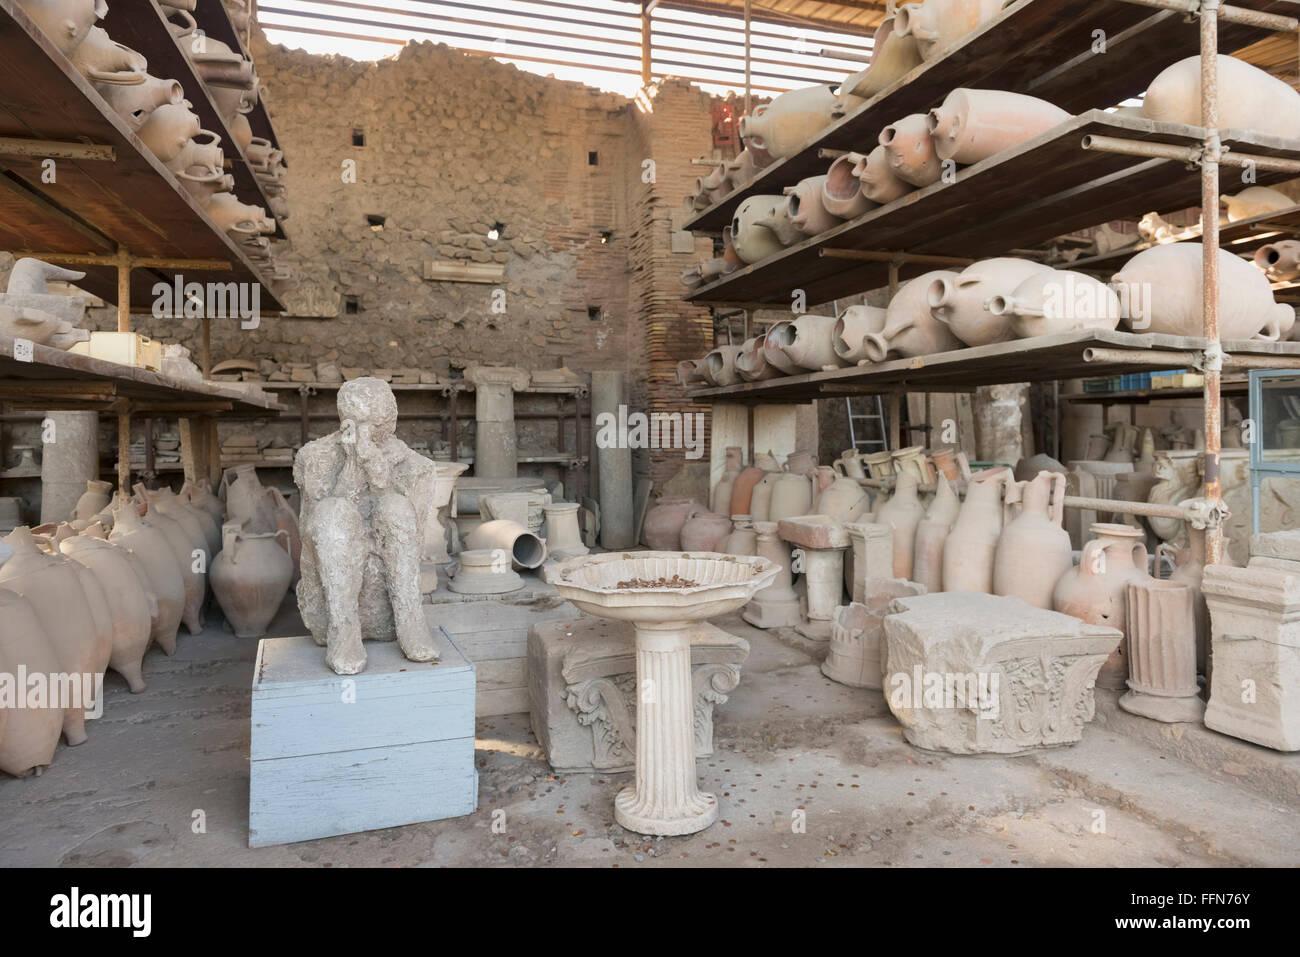 Pots en terre cuite et la distribution d'une personne retrouvée dans les ruines de Pompéi, Italie, Europe Banque D'Images